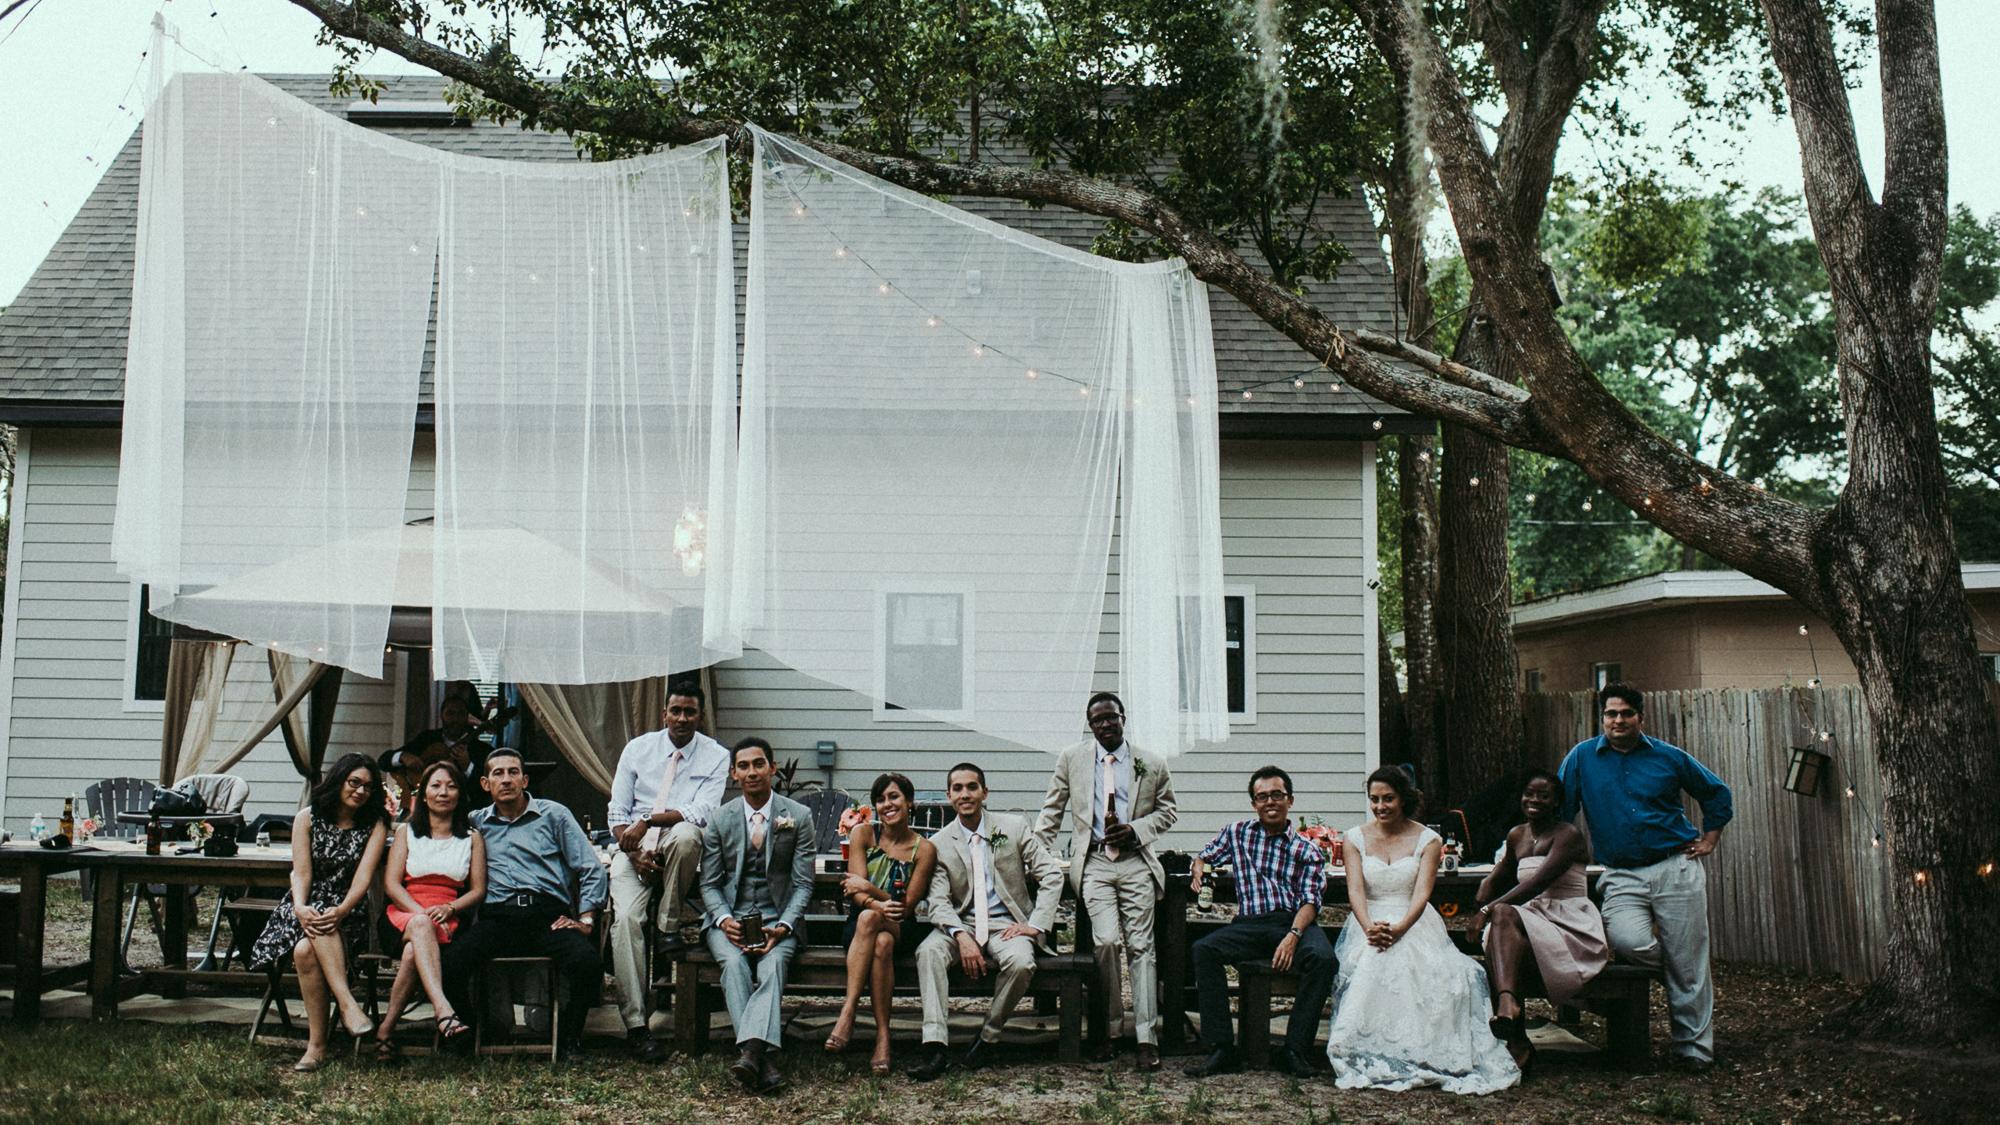 gian-carlo-photography-weddings-4.jpg